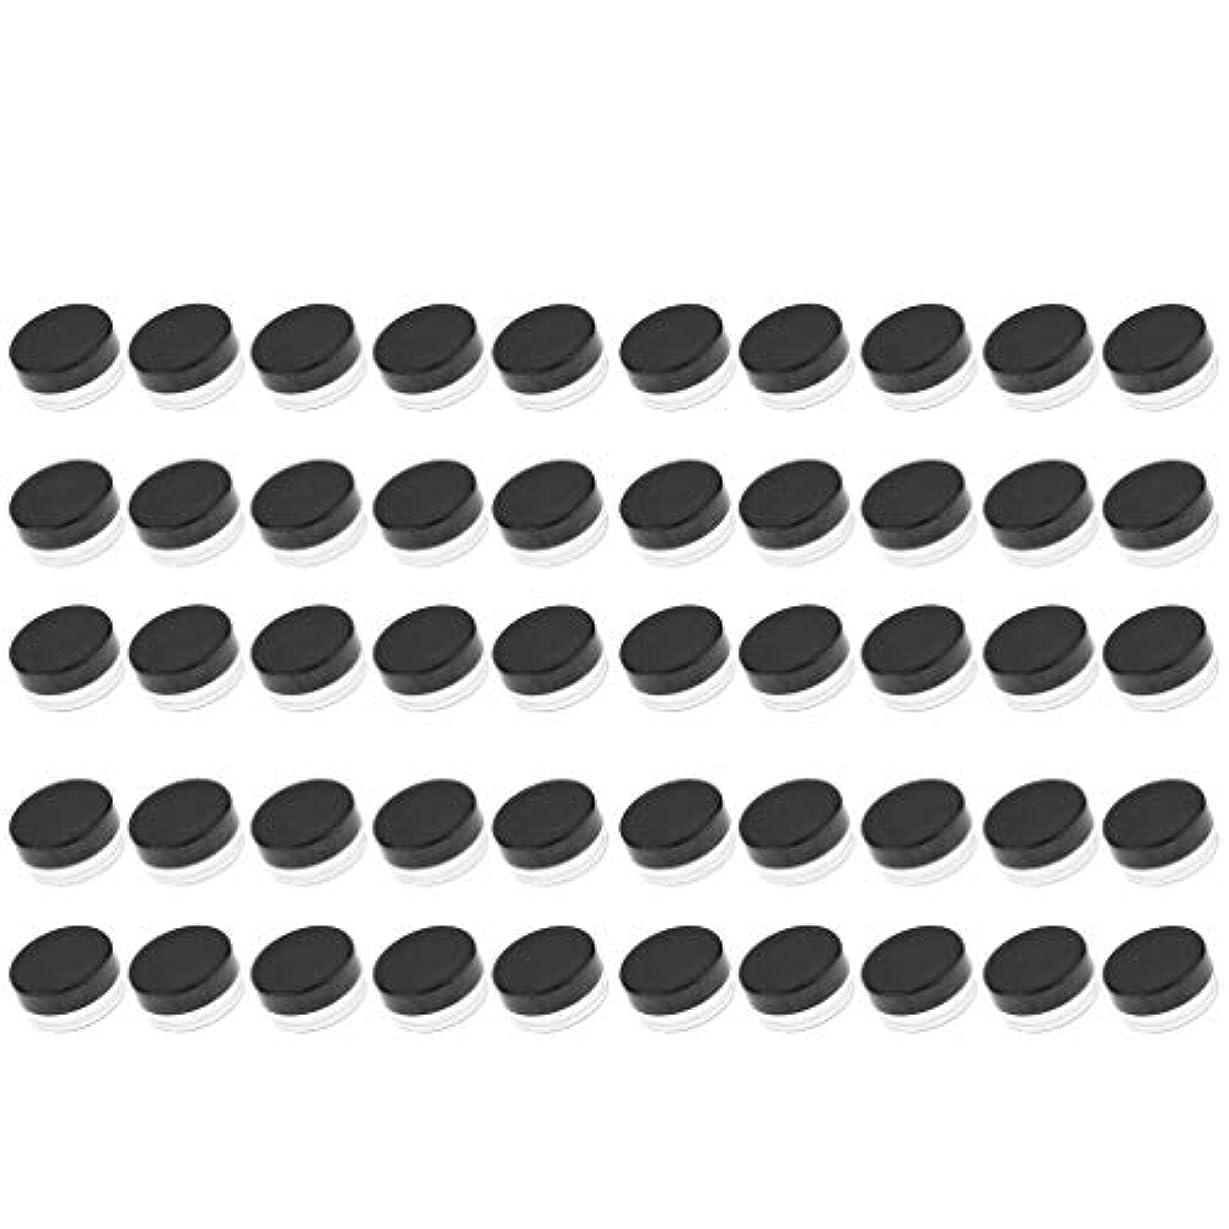 ずるい送信する低下D DOLITY 50個 クリームジャー クリームケース プラスチック 化粧品 詰替え 容器 旅行用 小分け 3g - ブラック